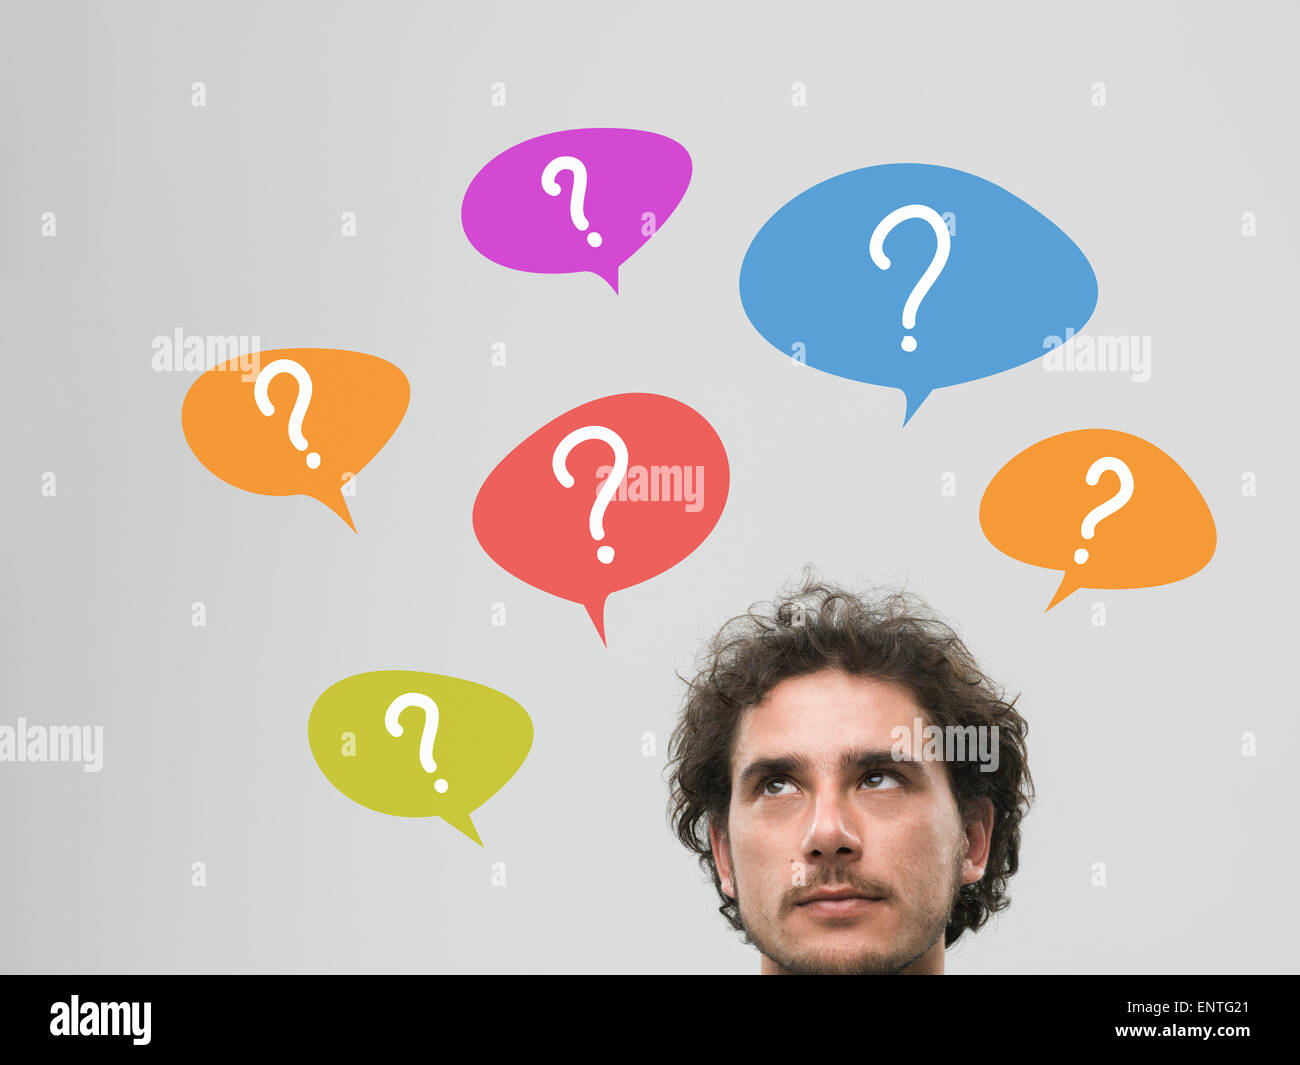 Hombre pensante con muchos signos de interrogación en burbujas por encima de su cabeza, contra un fondo gris Imagen De Stock